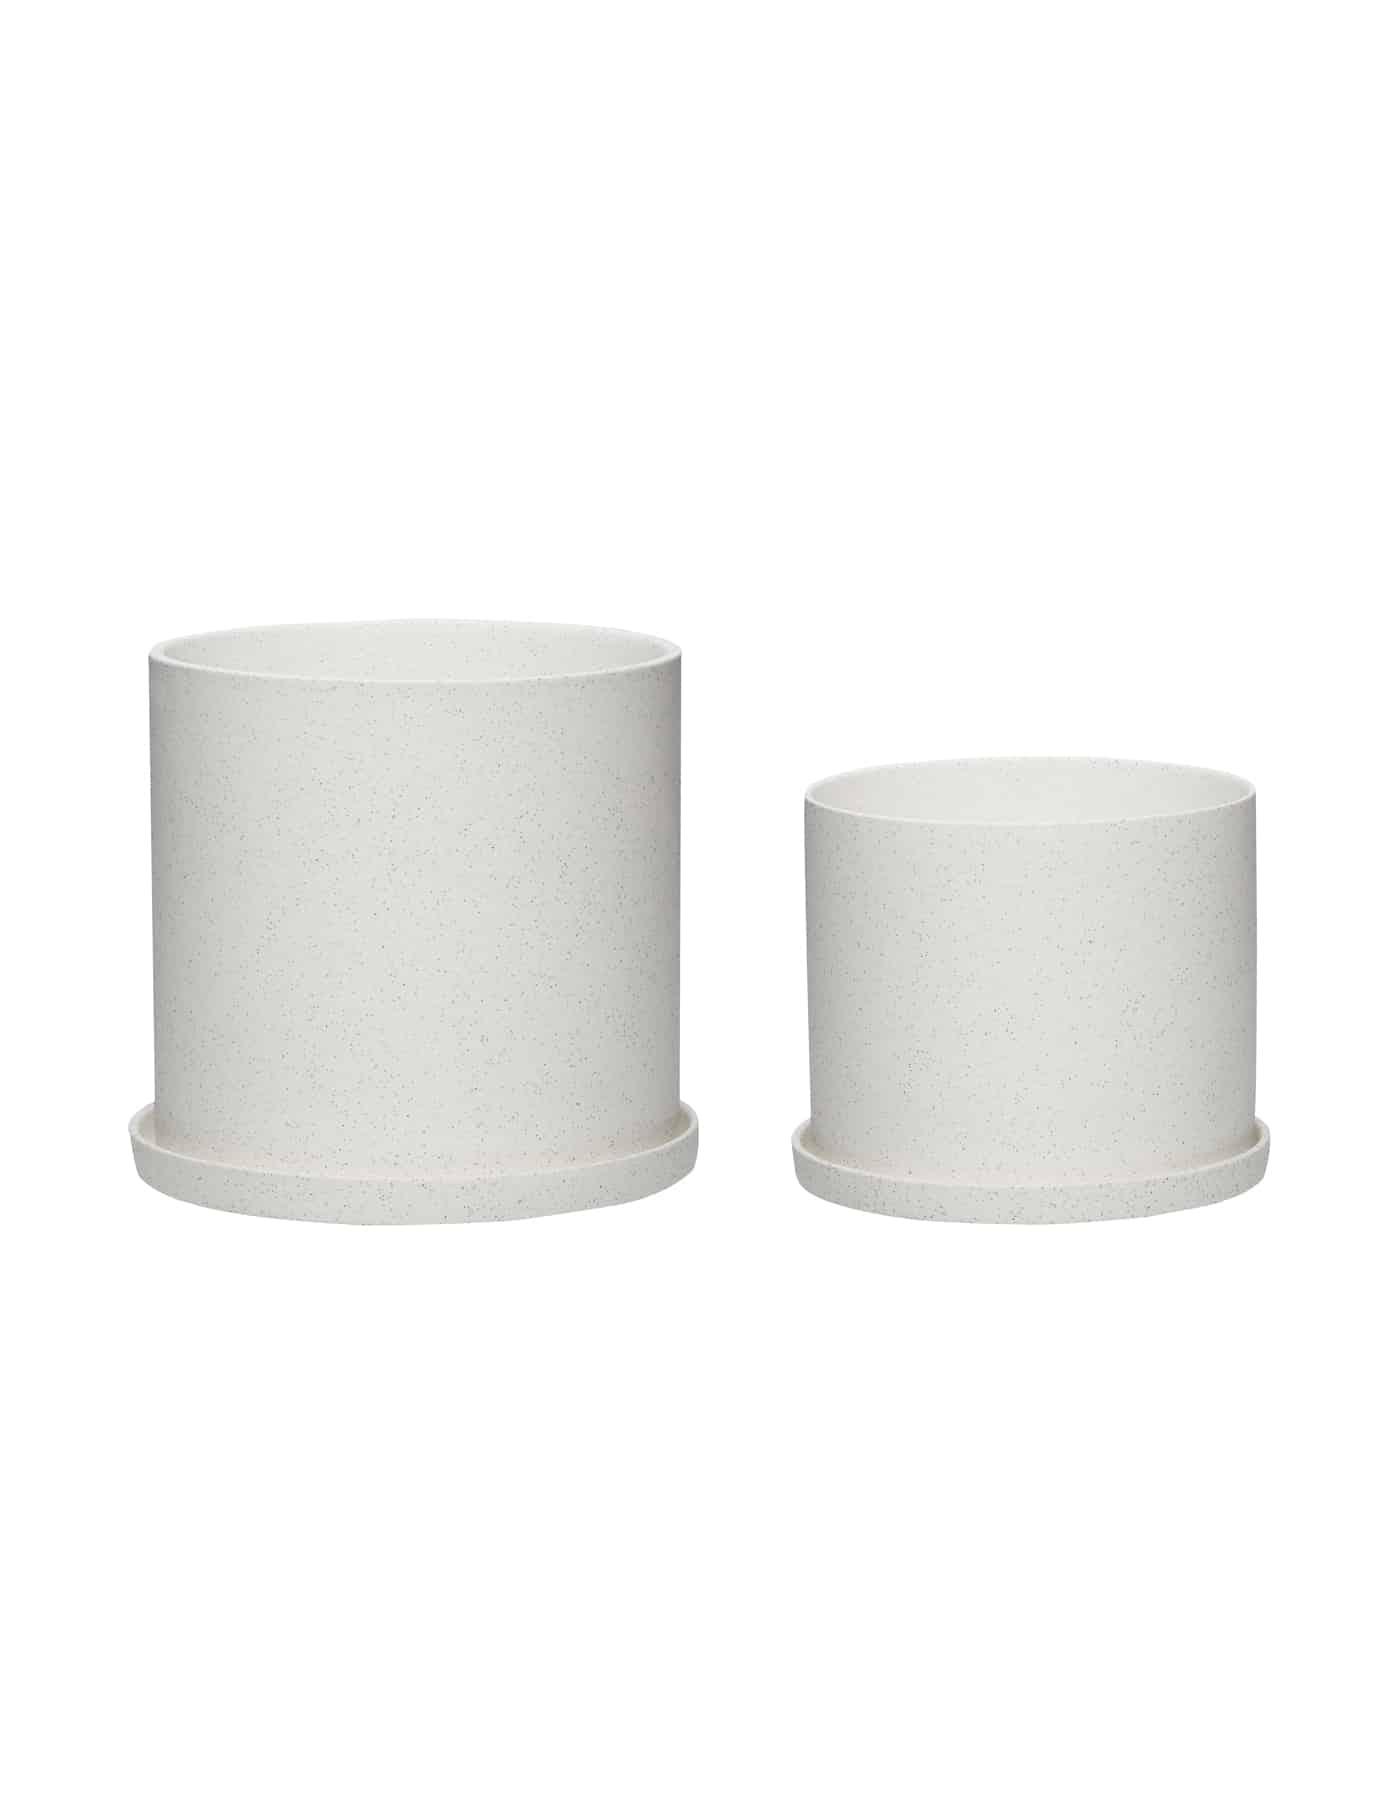 Hübsch White Plant Pot, Set of Two